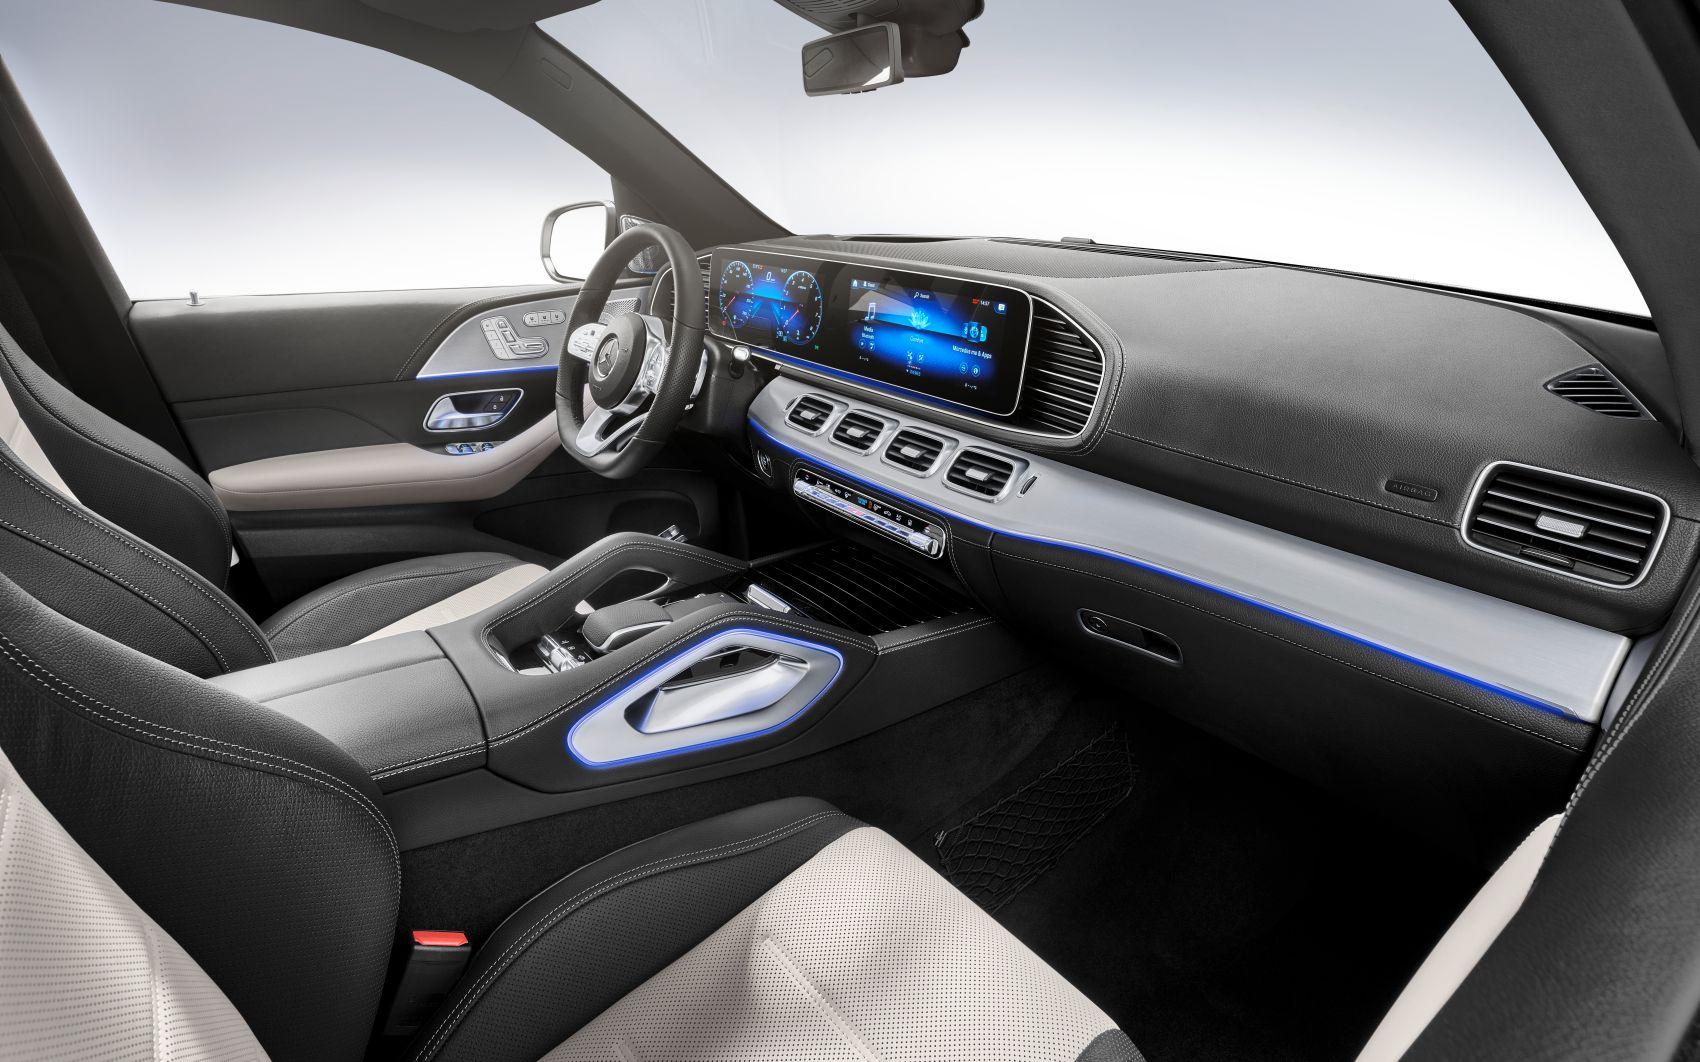 Mercedes GLE Interieur